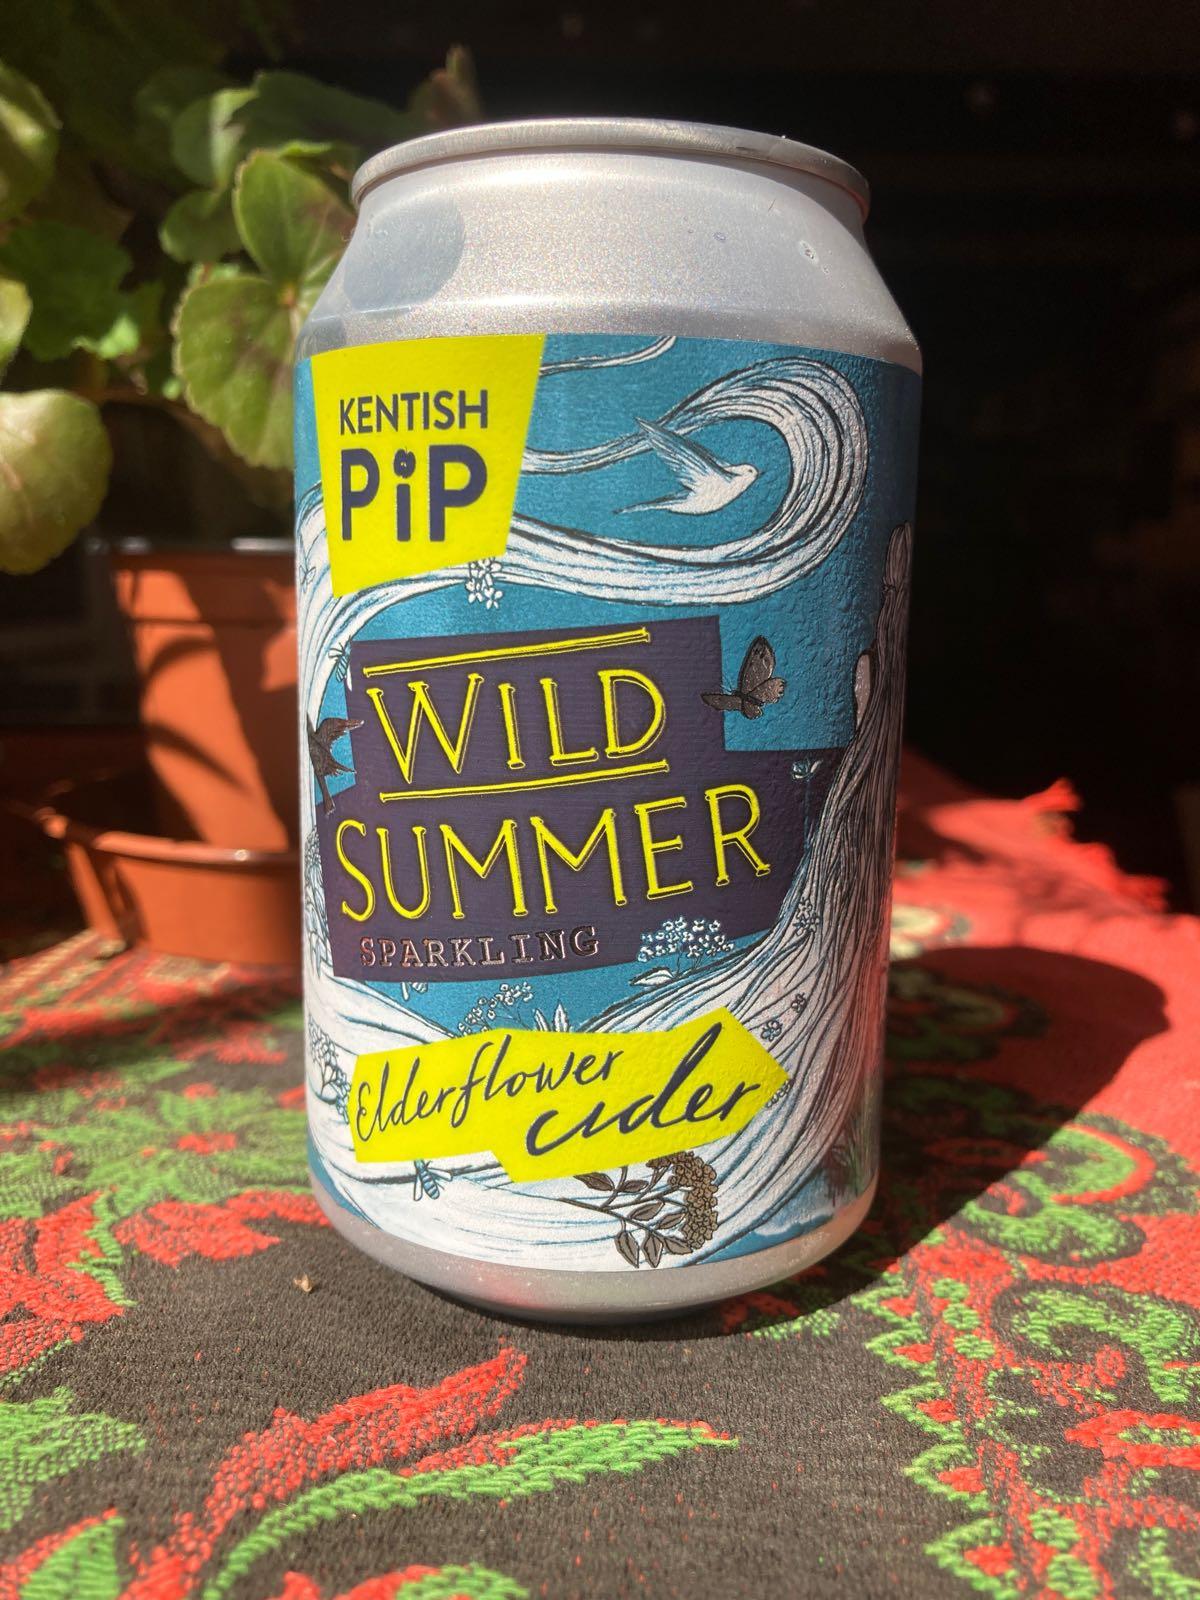 Kentish Pip - Wild Summer (4% Sparkling Elderflower Cider)